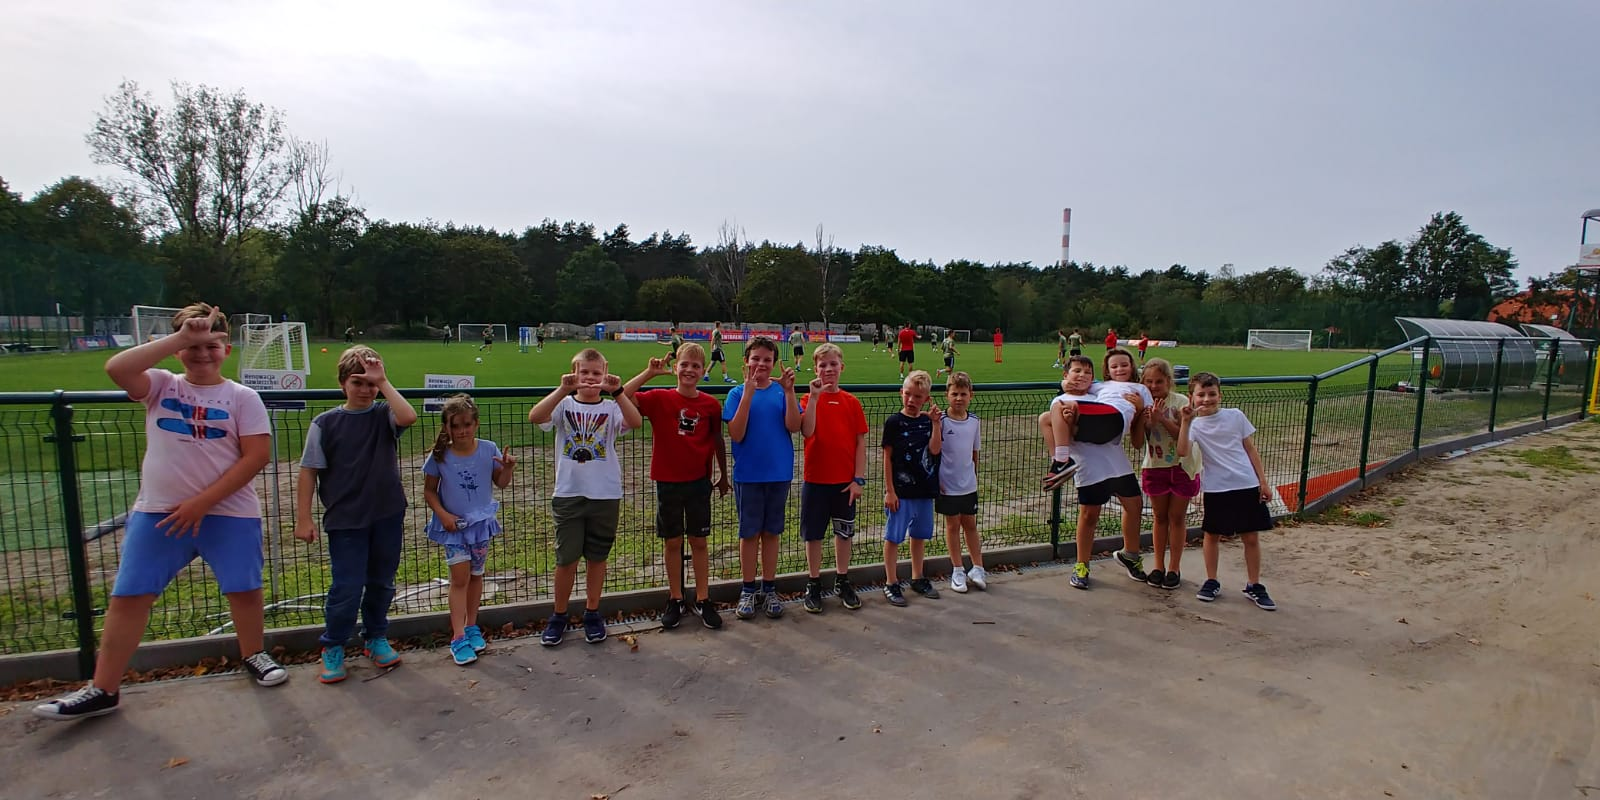 sport w szkole w Rembertowie, szkoła moraczewskich w Rembertowie, szkoła w Rembertowie, sport w Rembertowie, zajęcia z piłki nożnej w Rembertowie, piłka nożna z Legią Warszawa